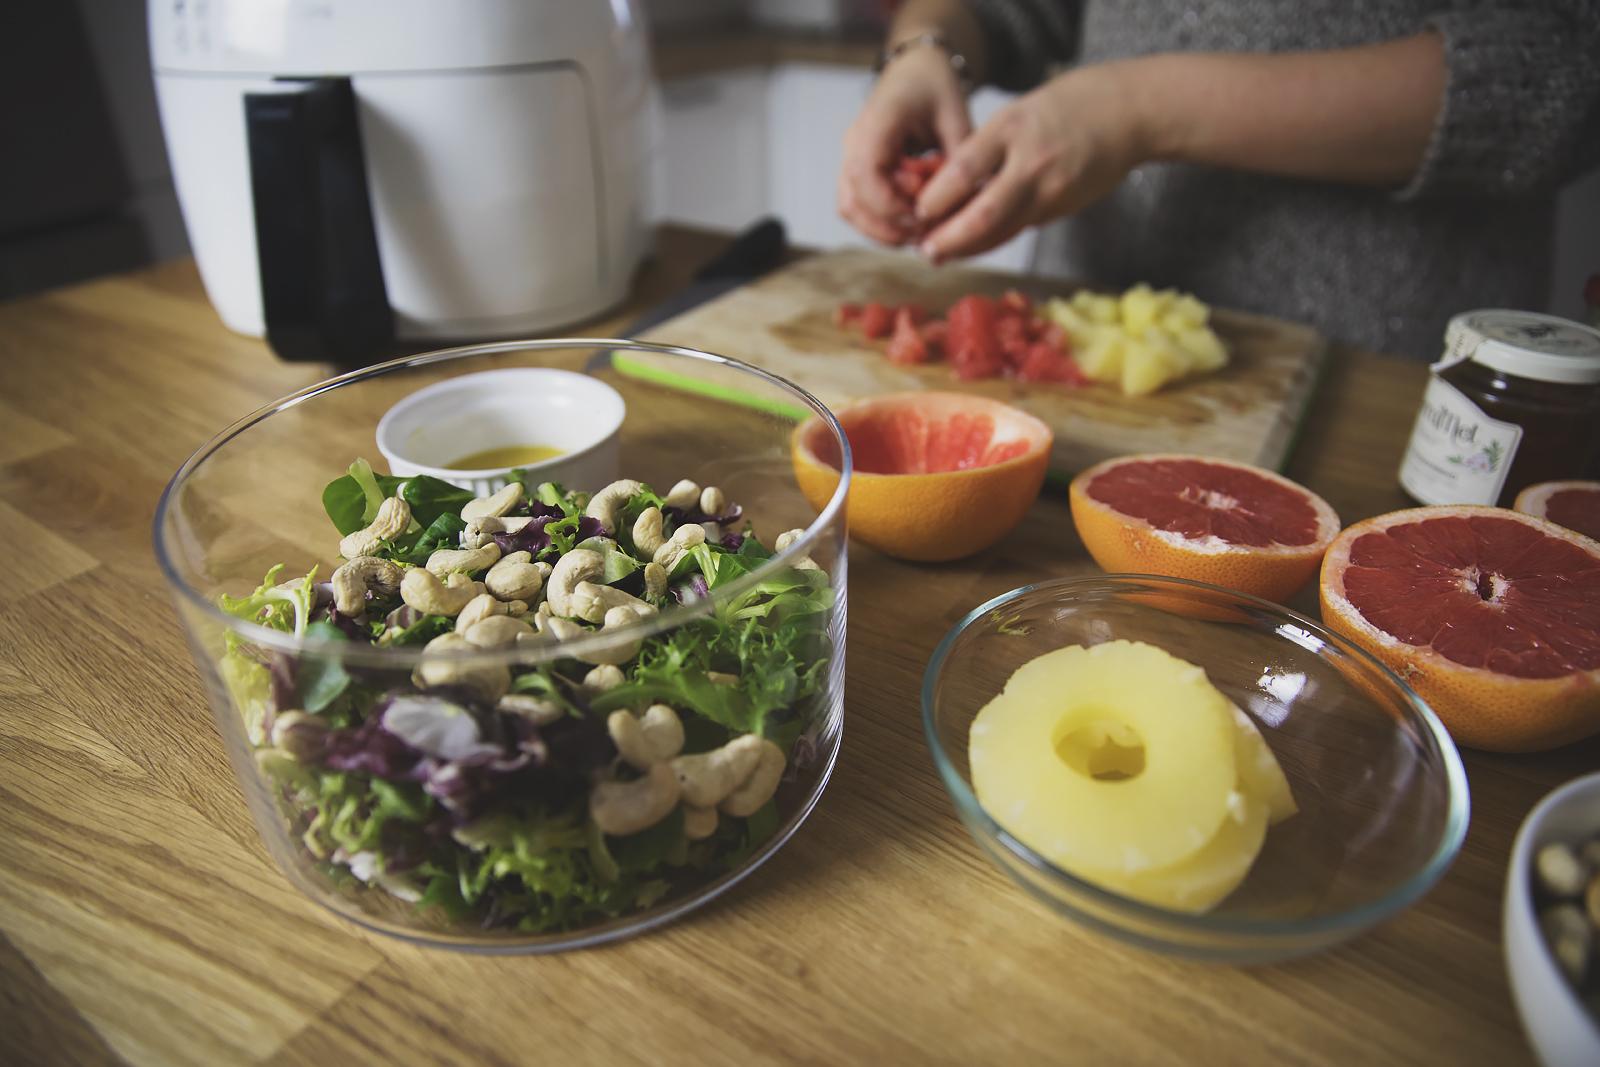 airfryer-salatka-z-kurczakiem-i-grejpfrutem21